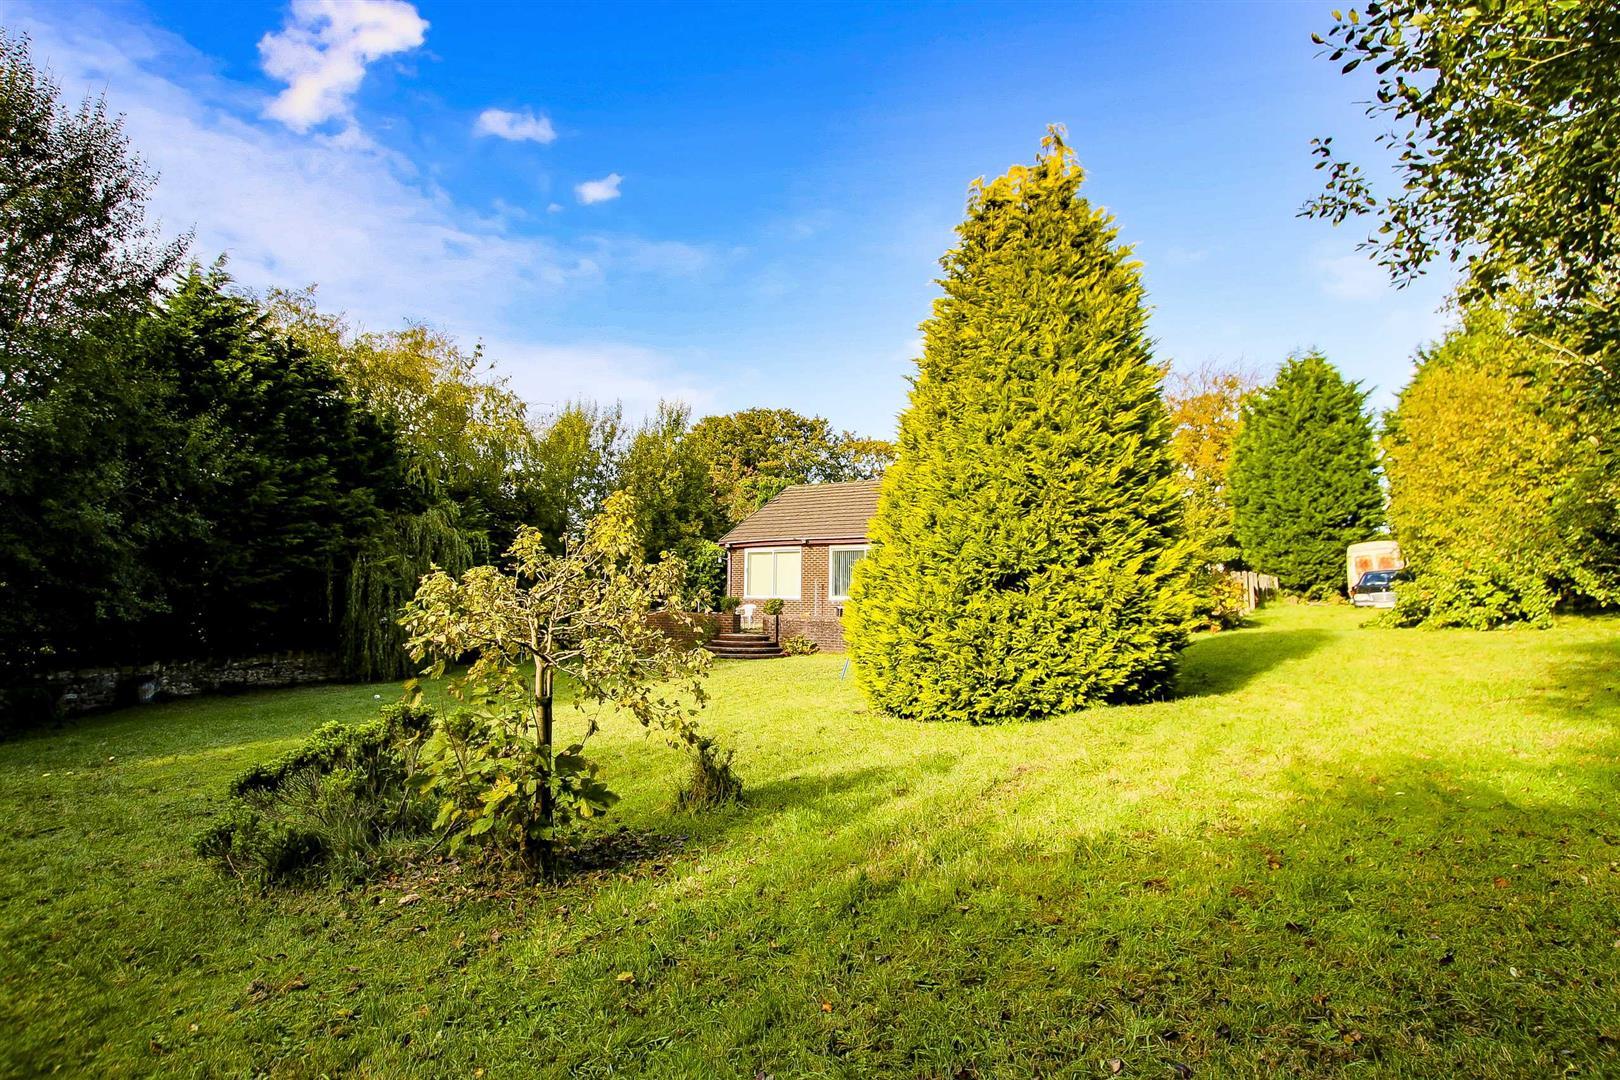 5 Bedroom Building Plot Land For Sale - Image 22